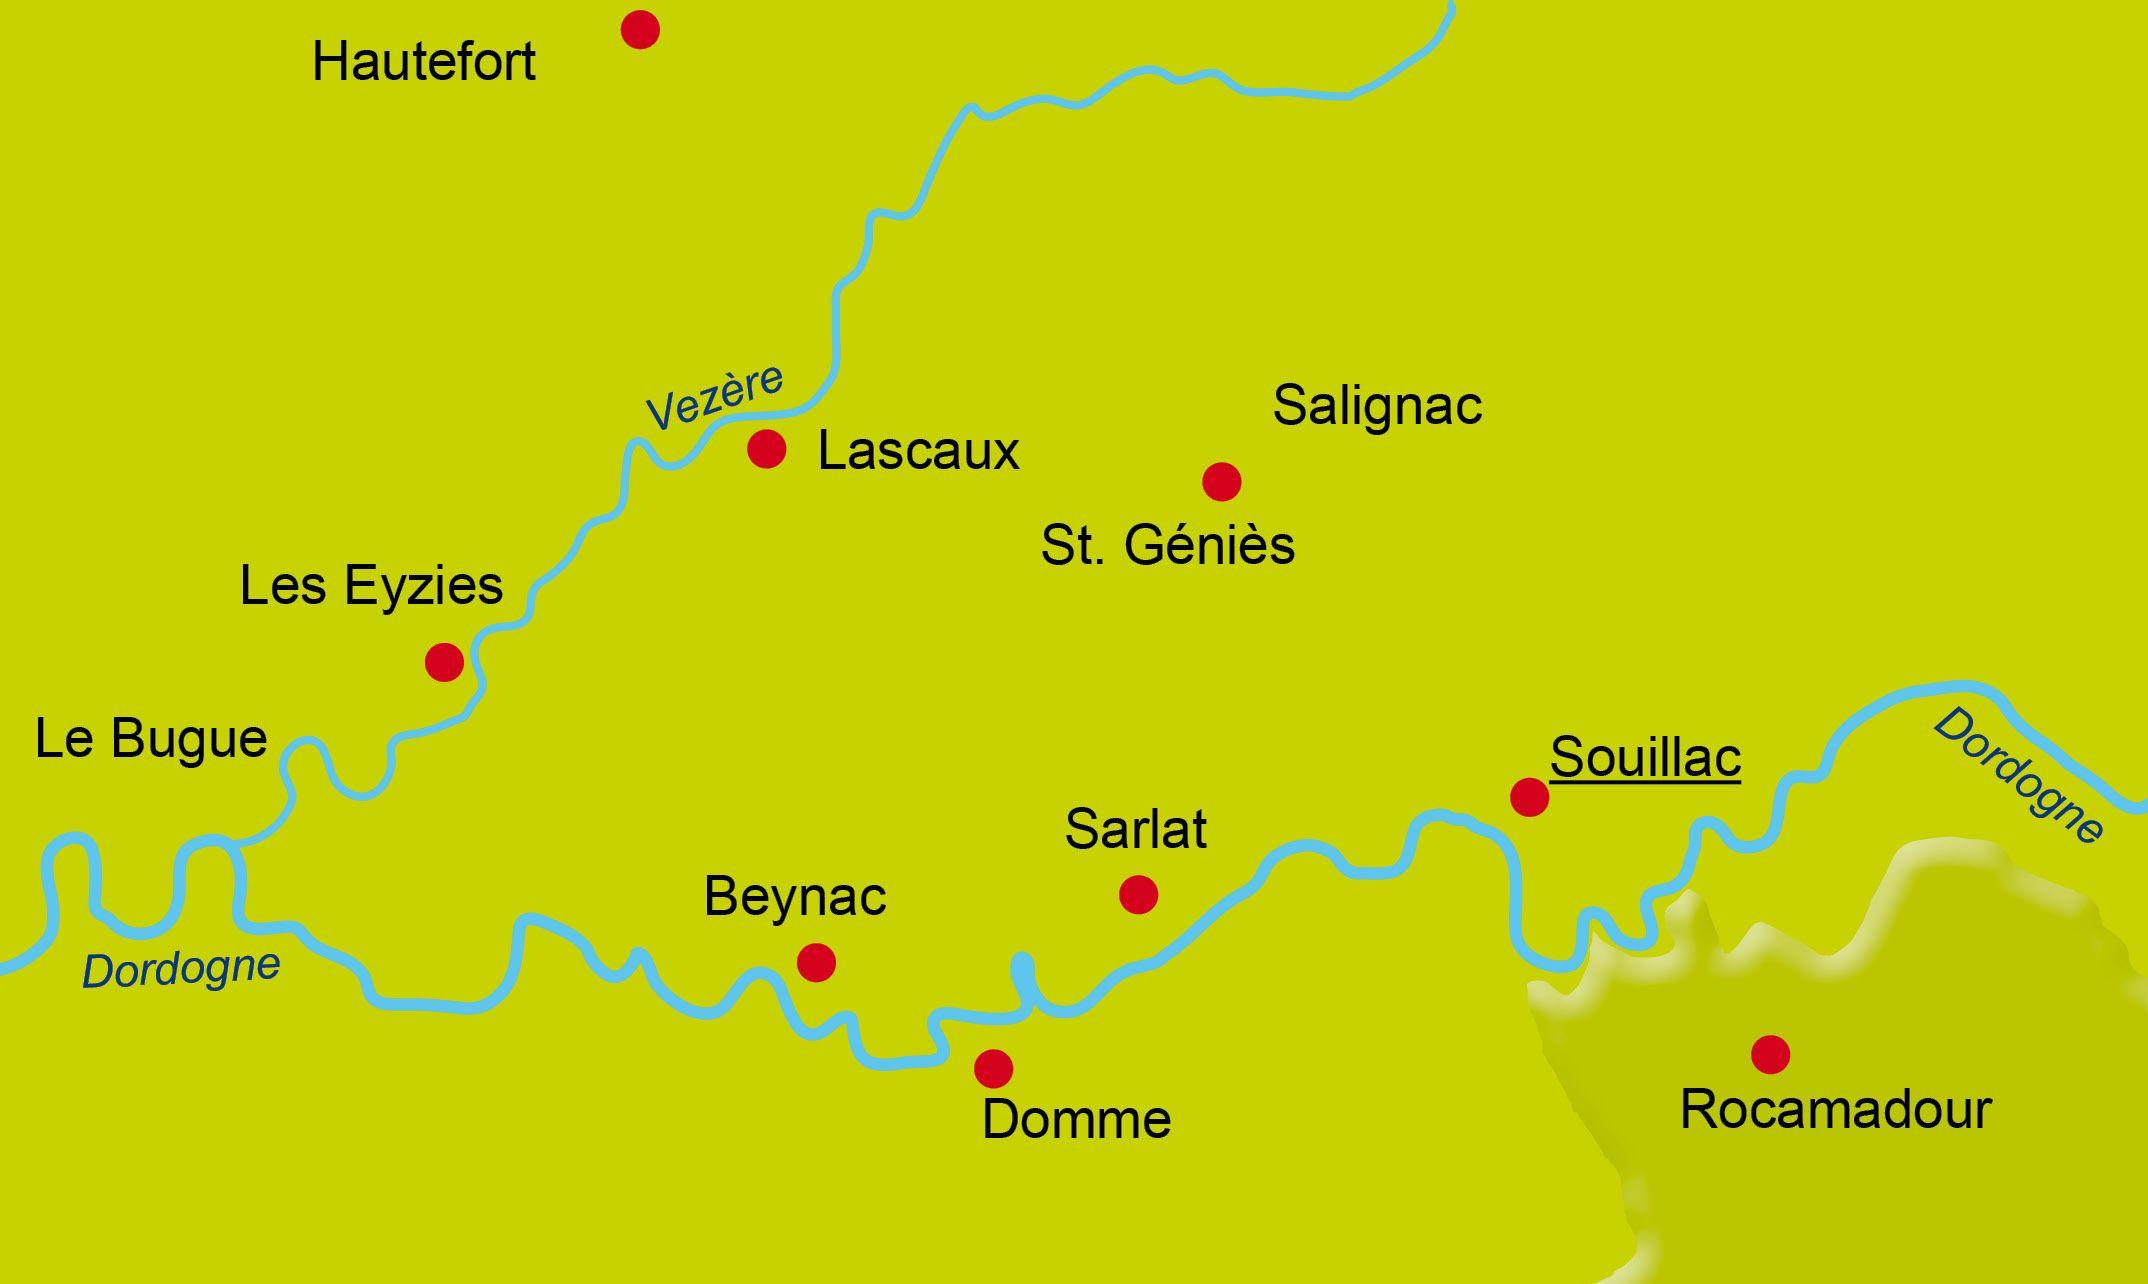 2 - Radfahren bleiben - Dordogne